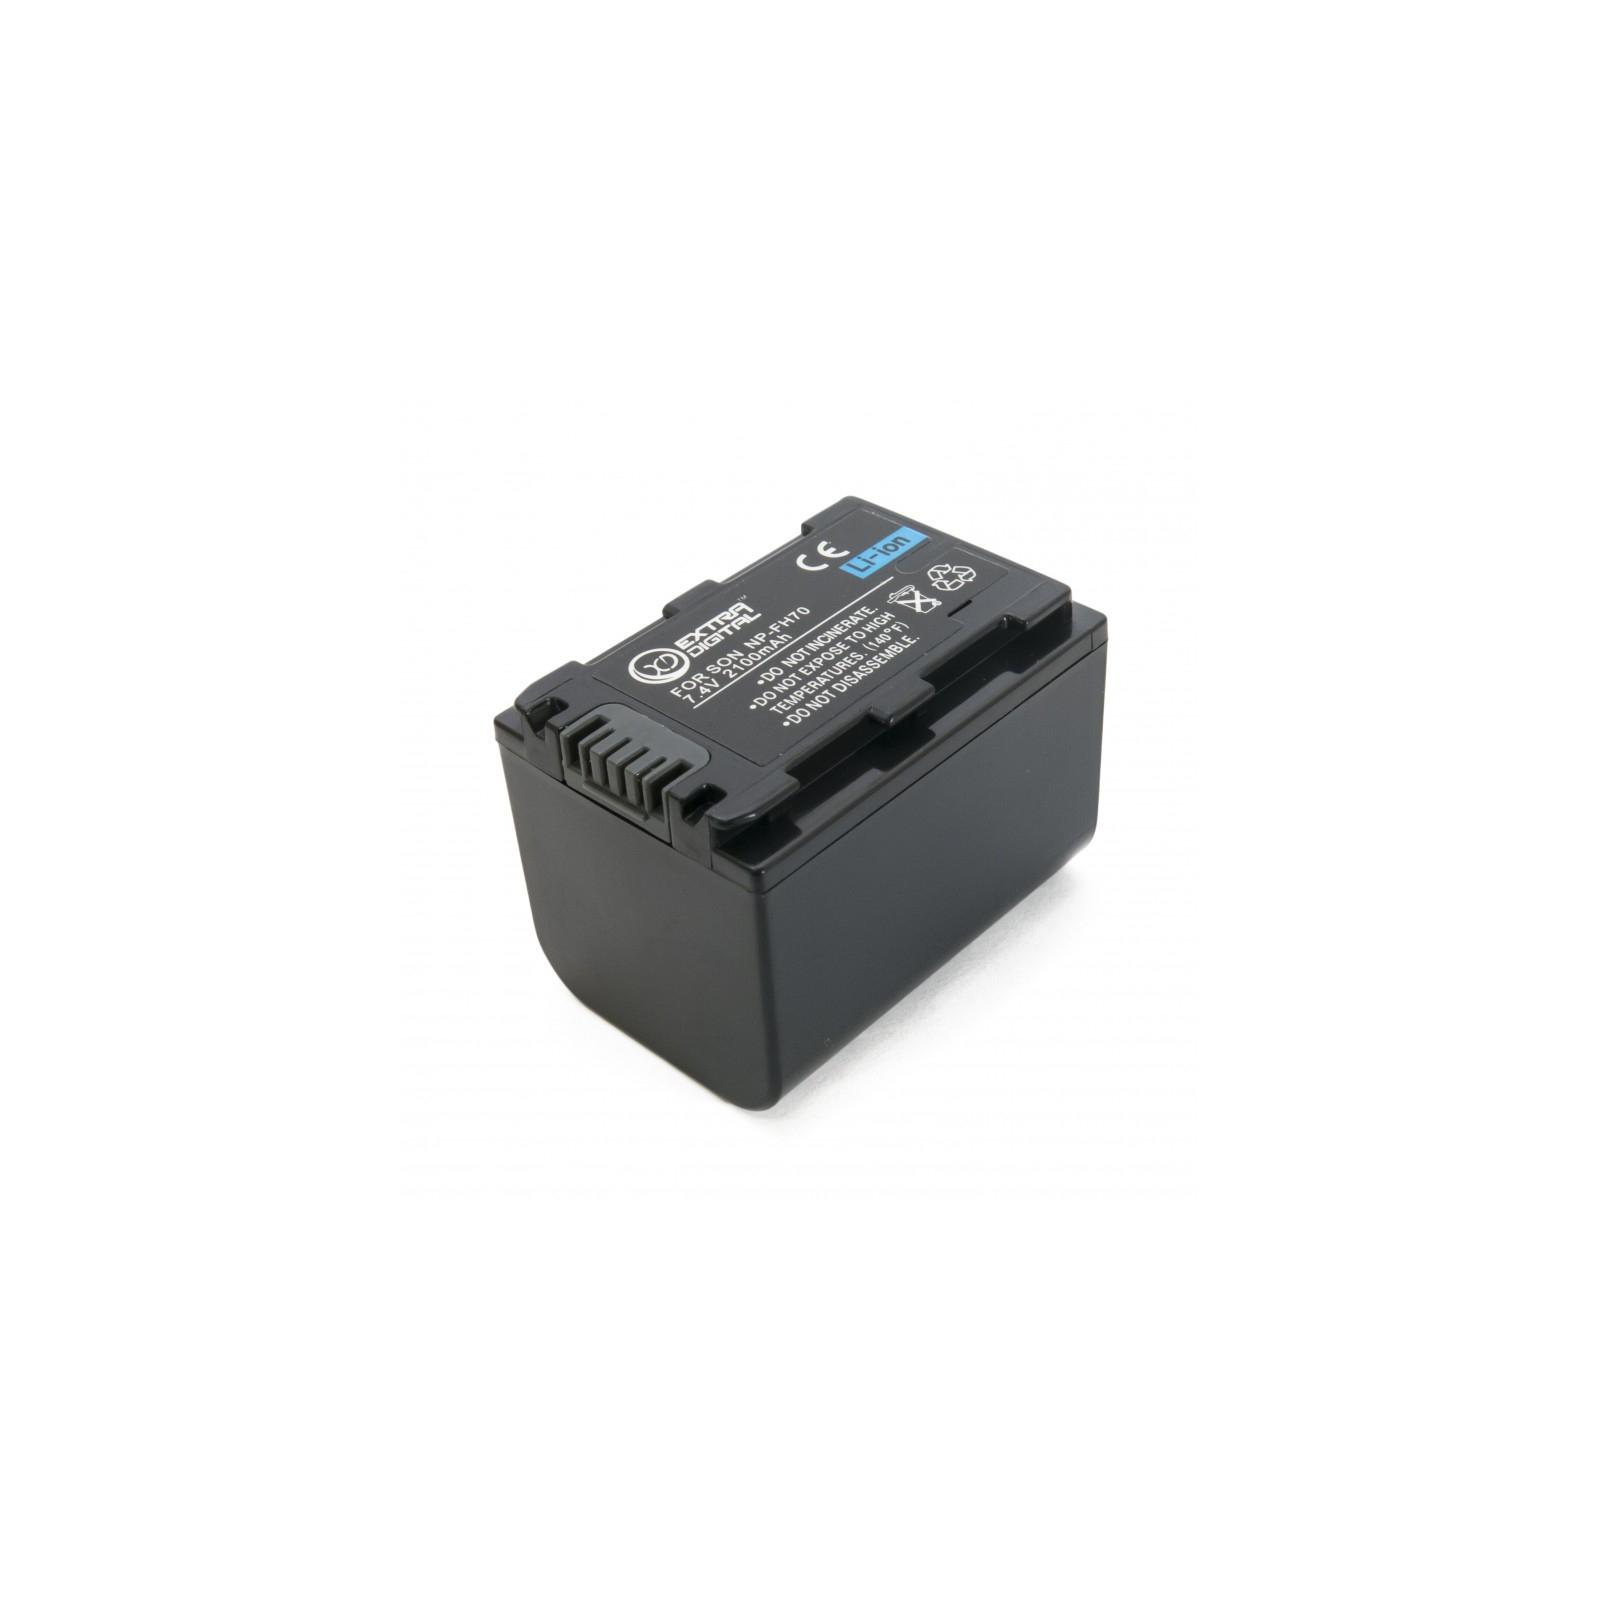 Аккумулятор к фото/видео EXTRADIGITAL Sony NP-FH70 (BDS2661) изображение 4